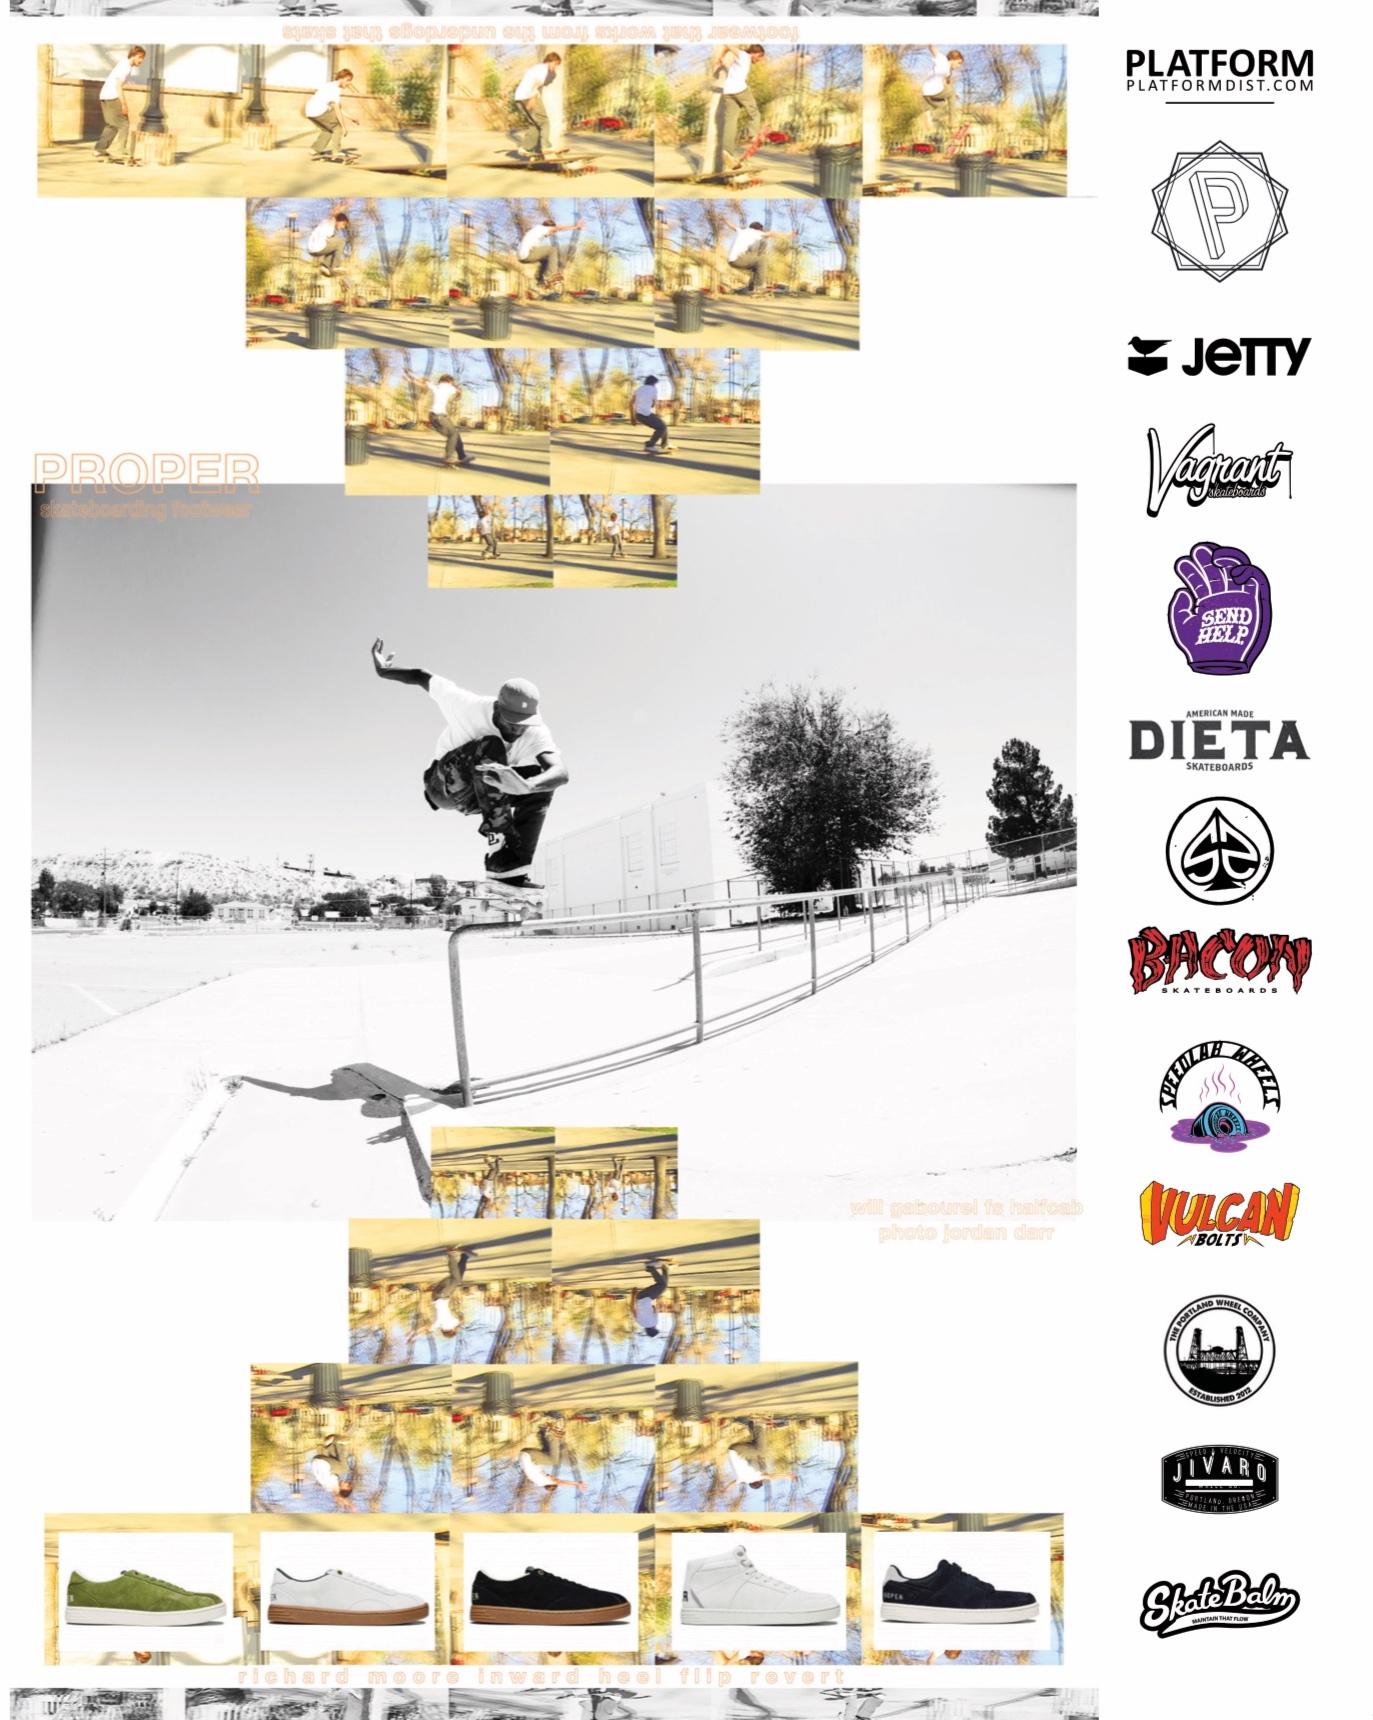 Proper footwear ad in SBC Skateboard